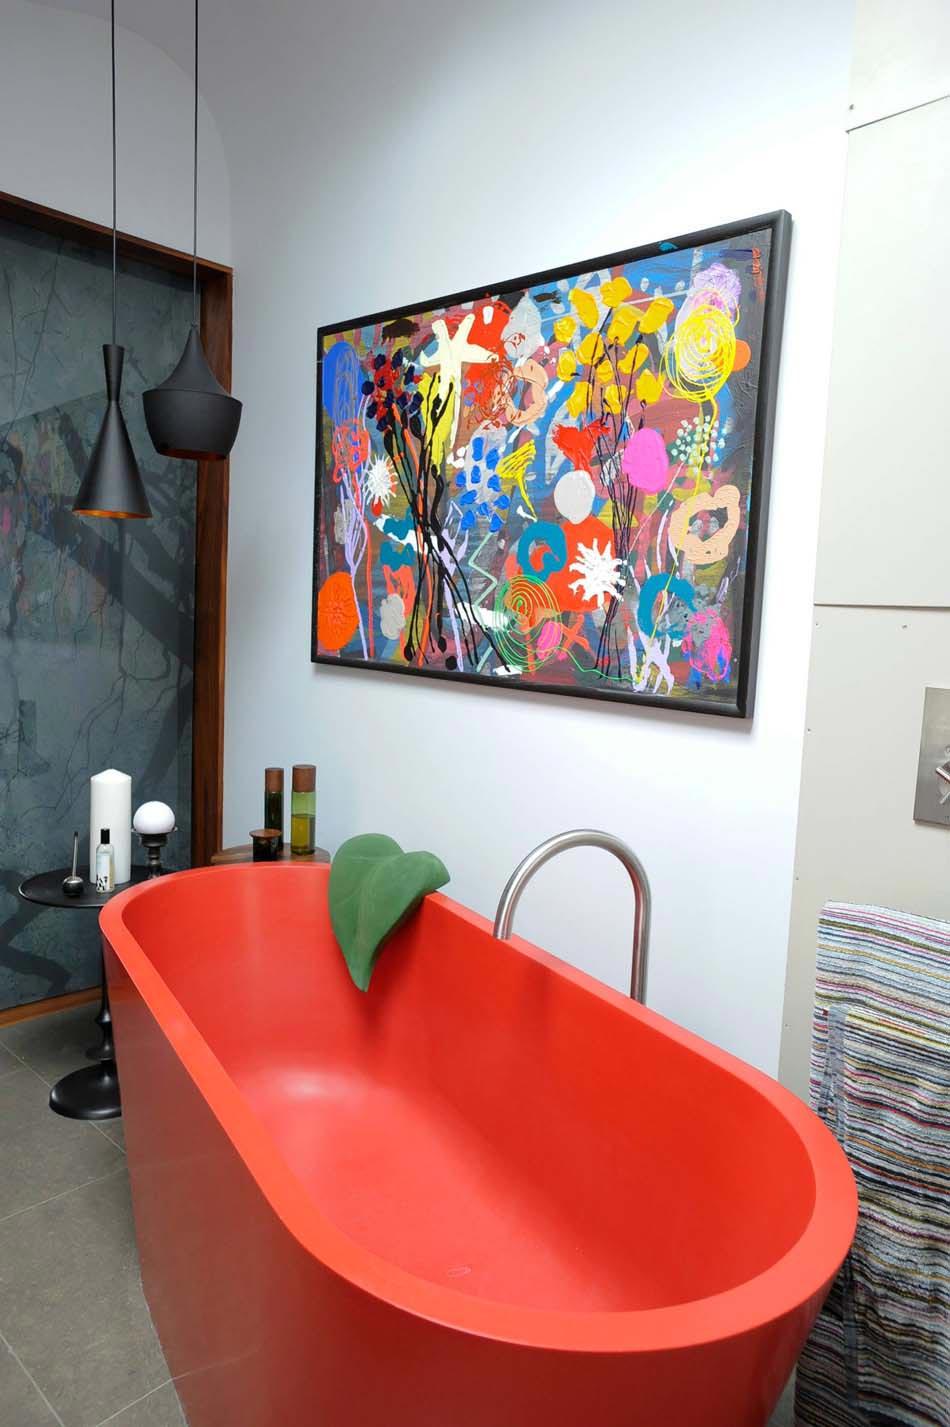 Baignoire de couleur pour relooker et embellir votre salle de bains design - Baignoire de couleur ...